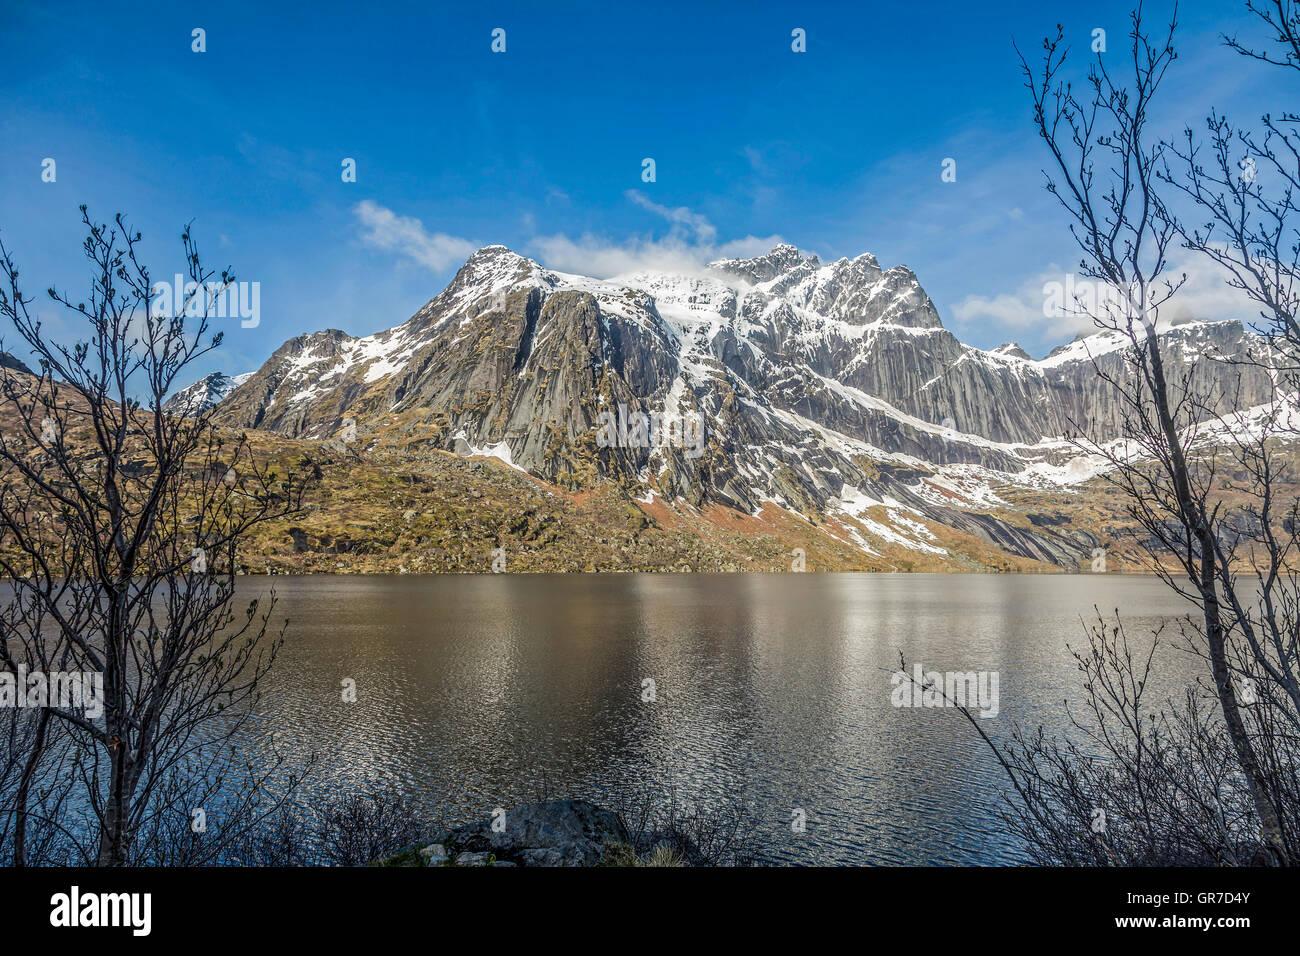 Storvatnet il panorama mozzafiato delle isole Lofoten le montagne sull'isola Flakstadoy Immagini Stock